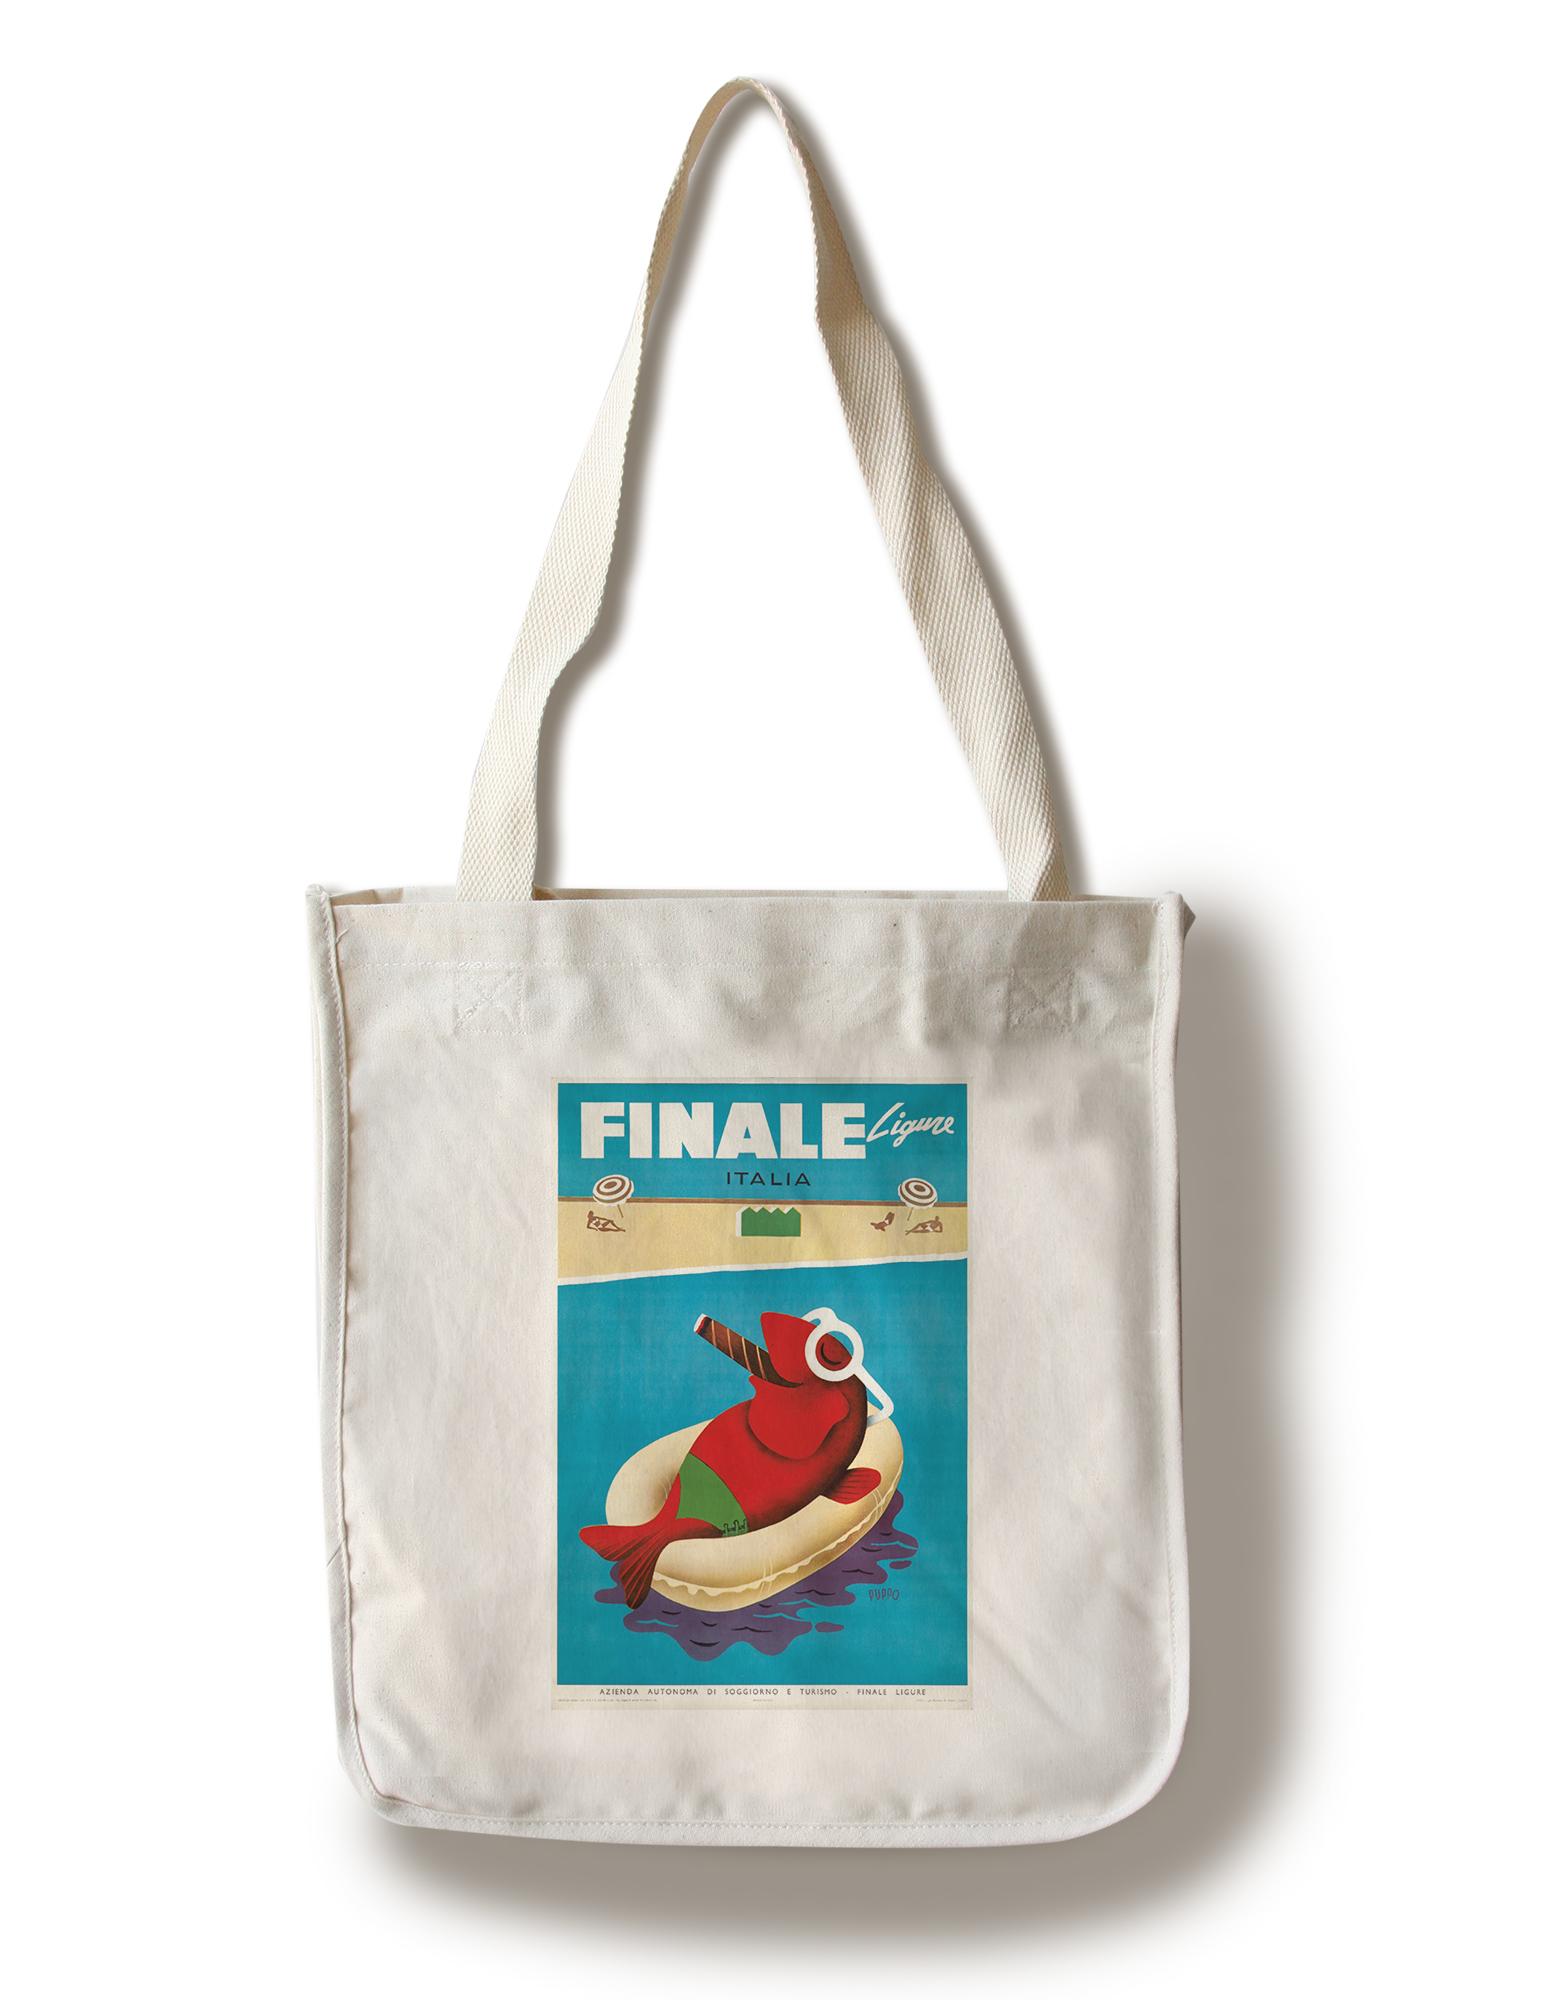 Finale Ligure (Puppo) C. 1950-Poster Vintage (100% Algodón Tote Bag ...